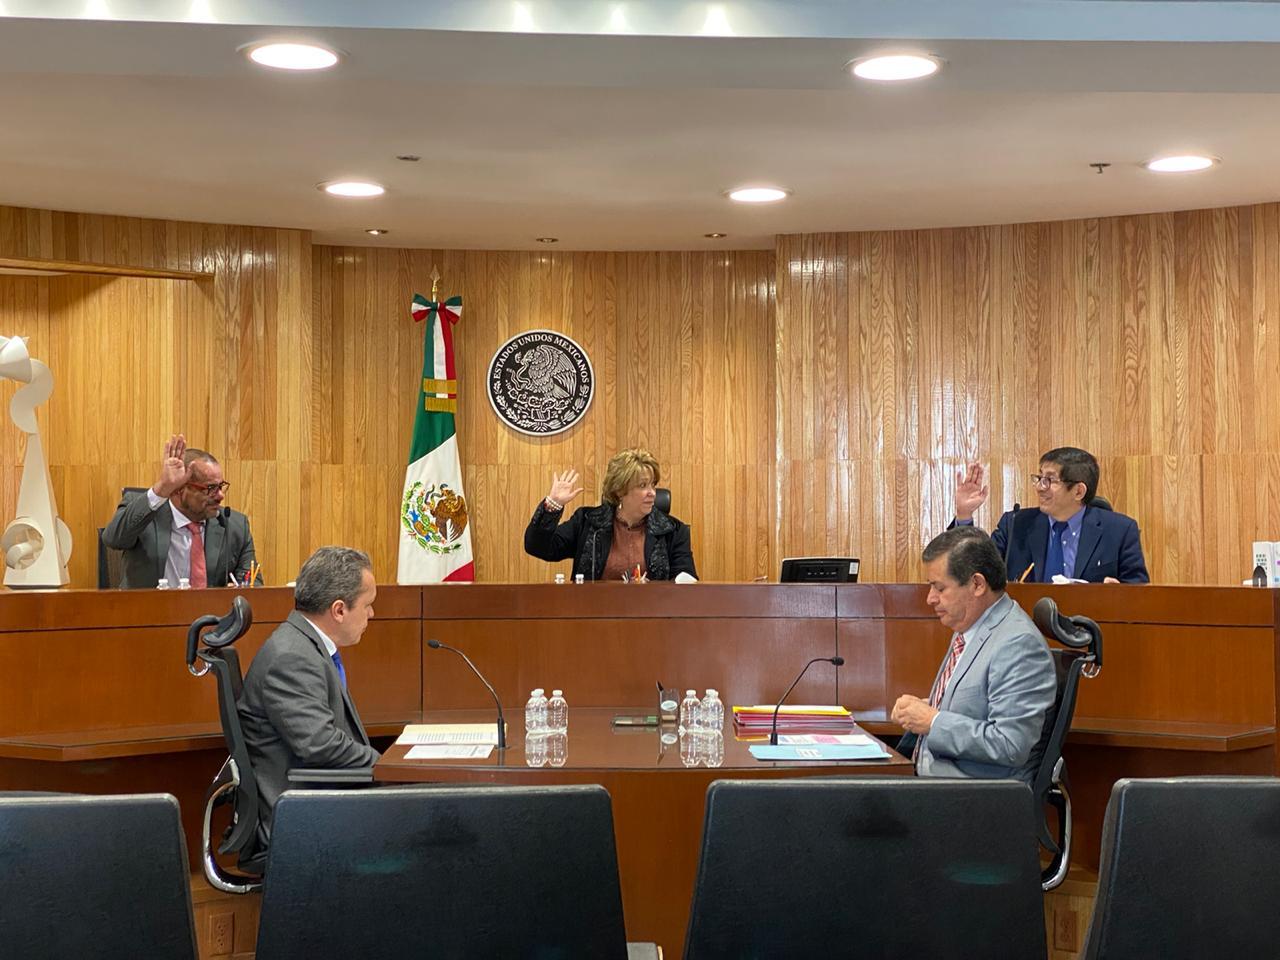 LA SALA REGIONAL TOLUCA CONFIRMÓ EL DICTAMEN CONSOLIDADO Y LA RESOLUCIÓN DEL CONSEJO GENERAL DEL INSTITUTO NACIONAL ELECTORAL RELACIONADA A LAS IRREGULARIDADES ENCONTRADAS EN LA REVISIÓN DEL INFORME ANUAL DE INGRESOS Y GASTOS DE MORENA EN EL ESTADO DE HIDALGO.